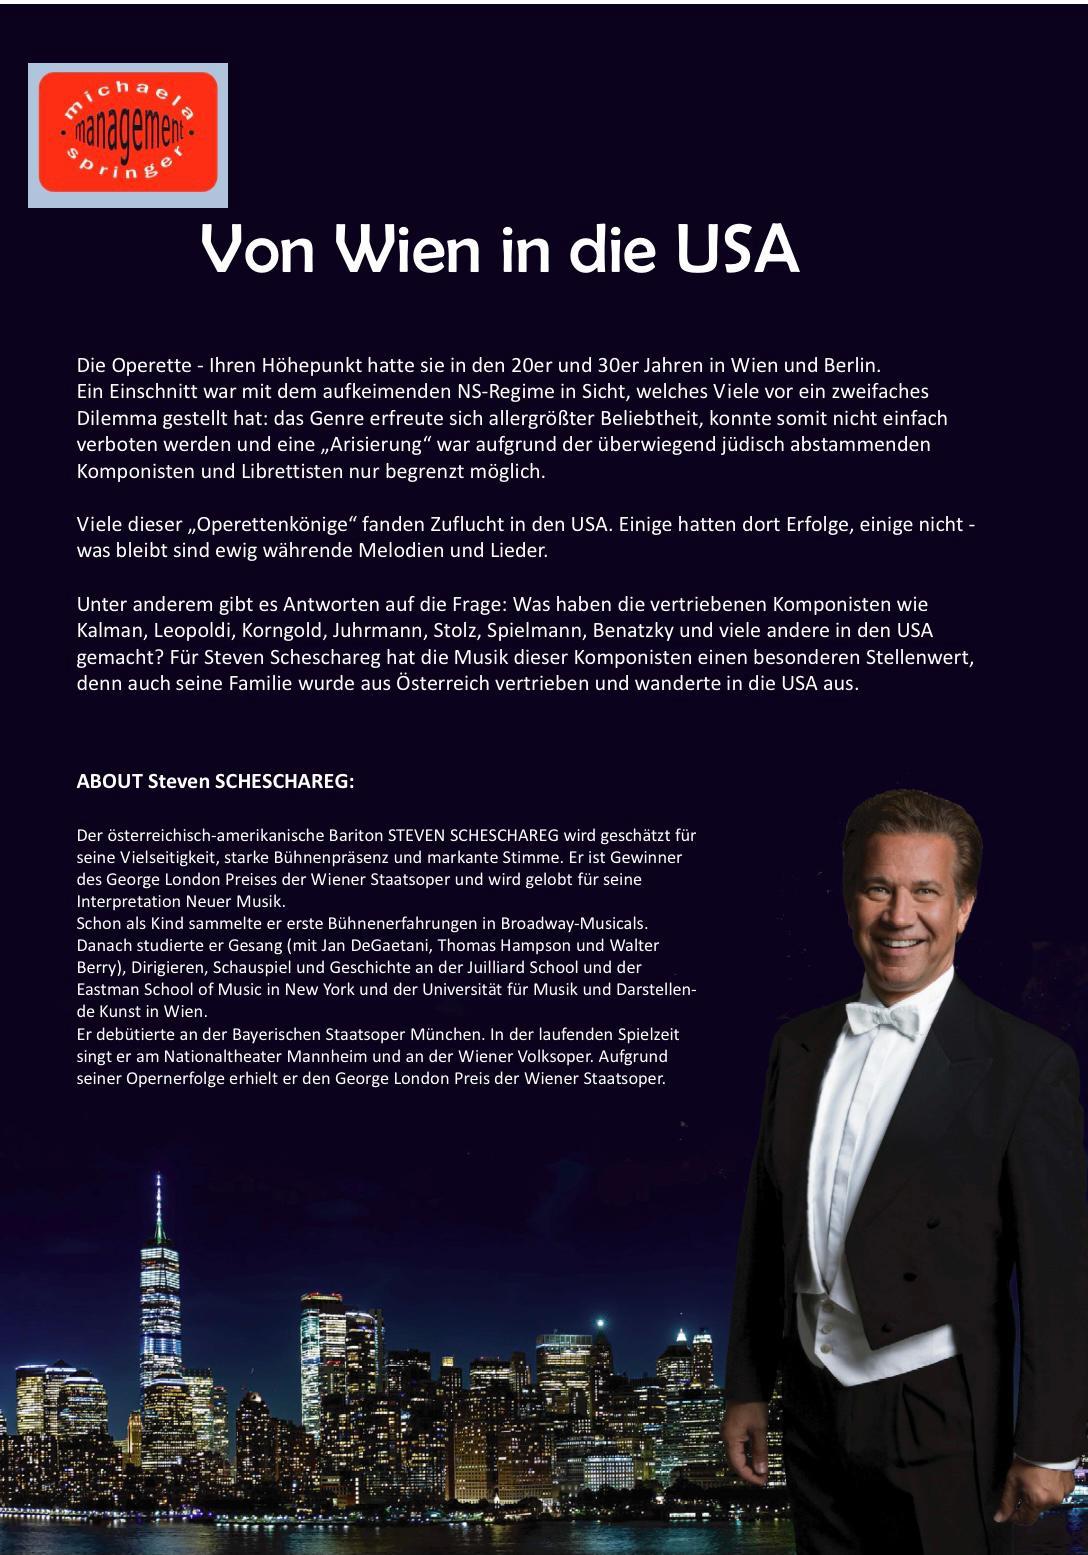 Von Wien in die USA